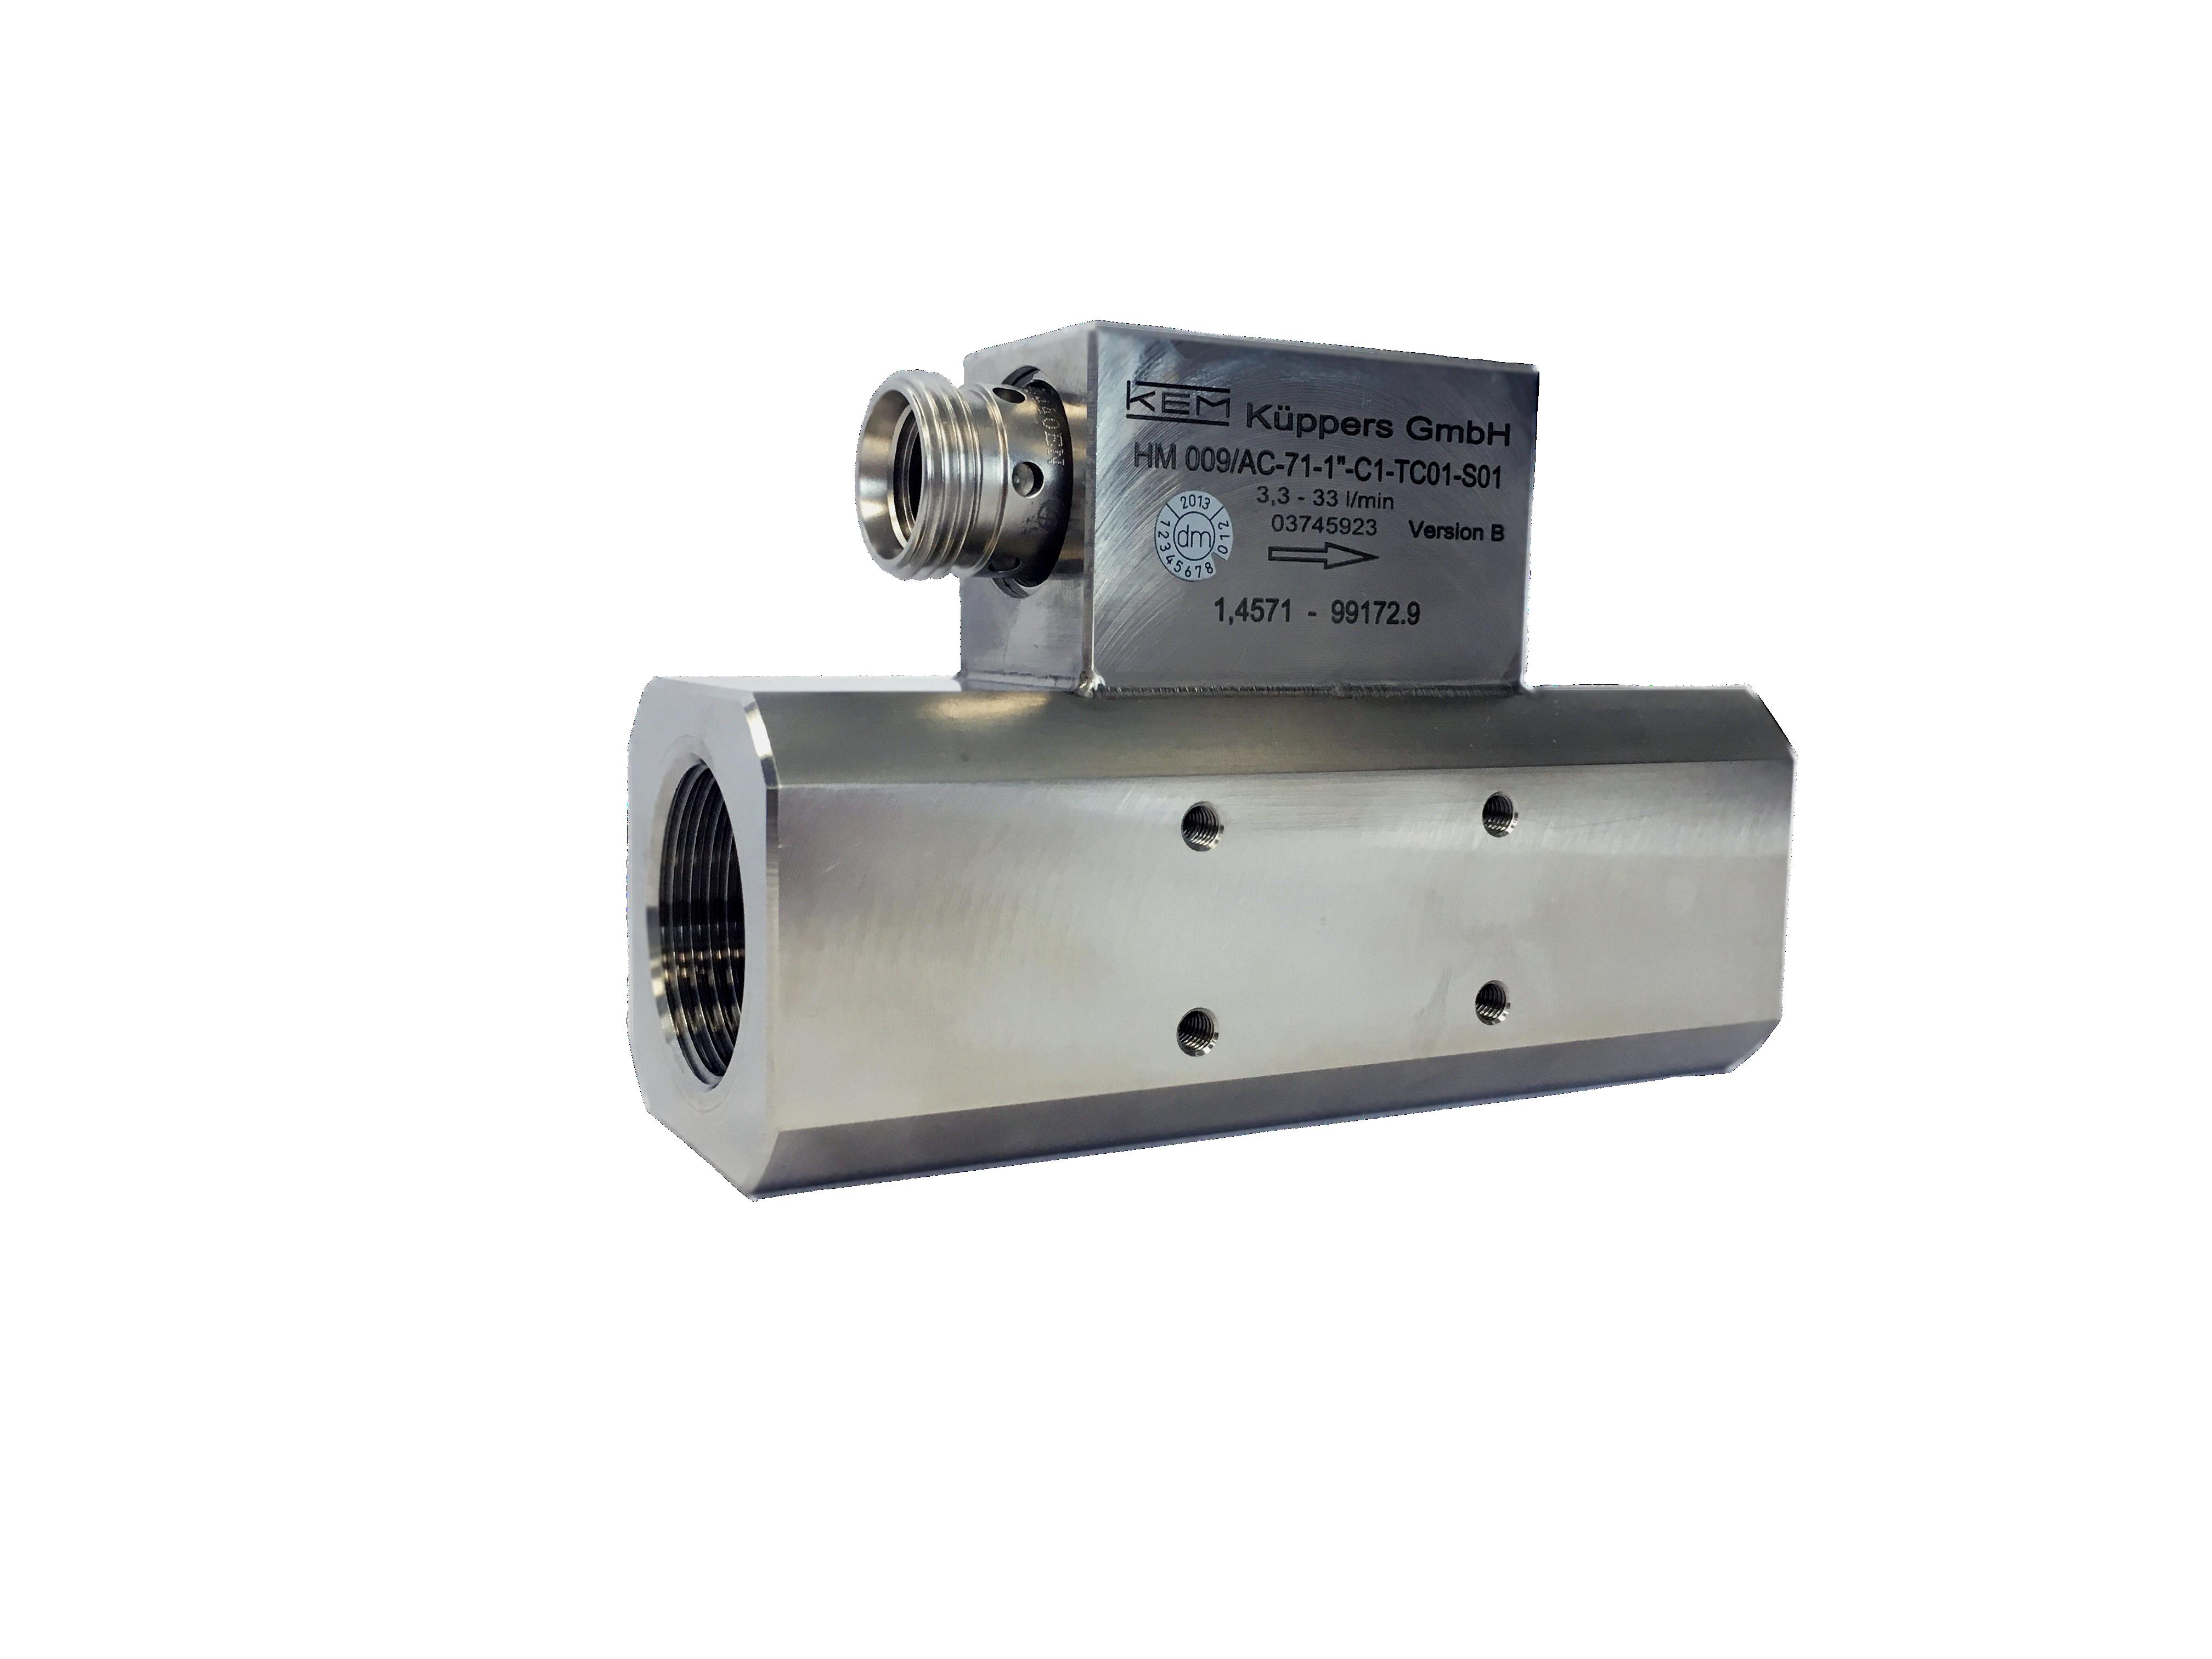 Turbine Subsea Flow Meter